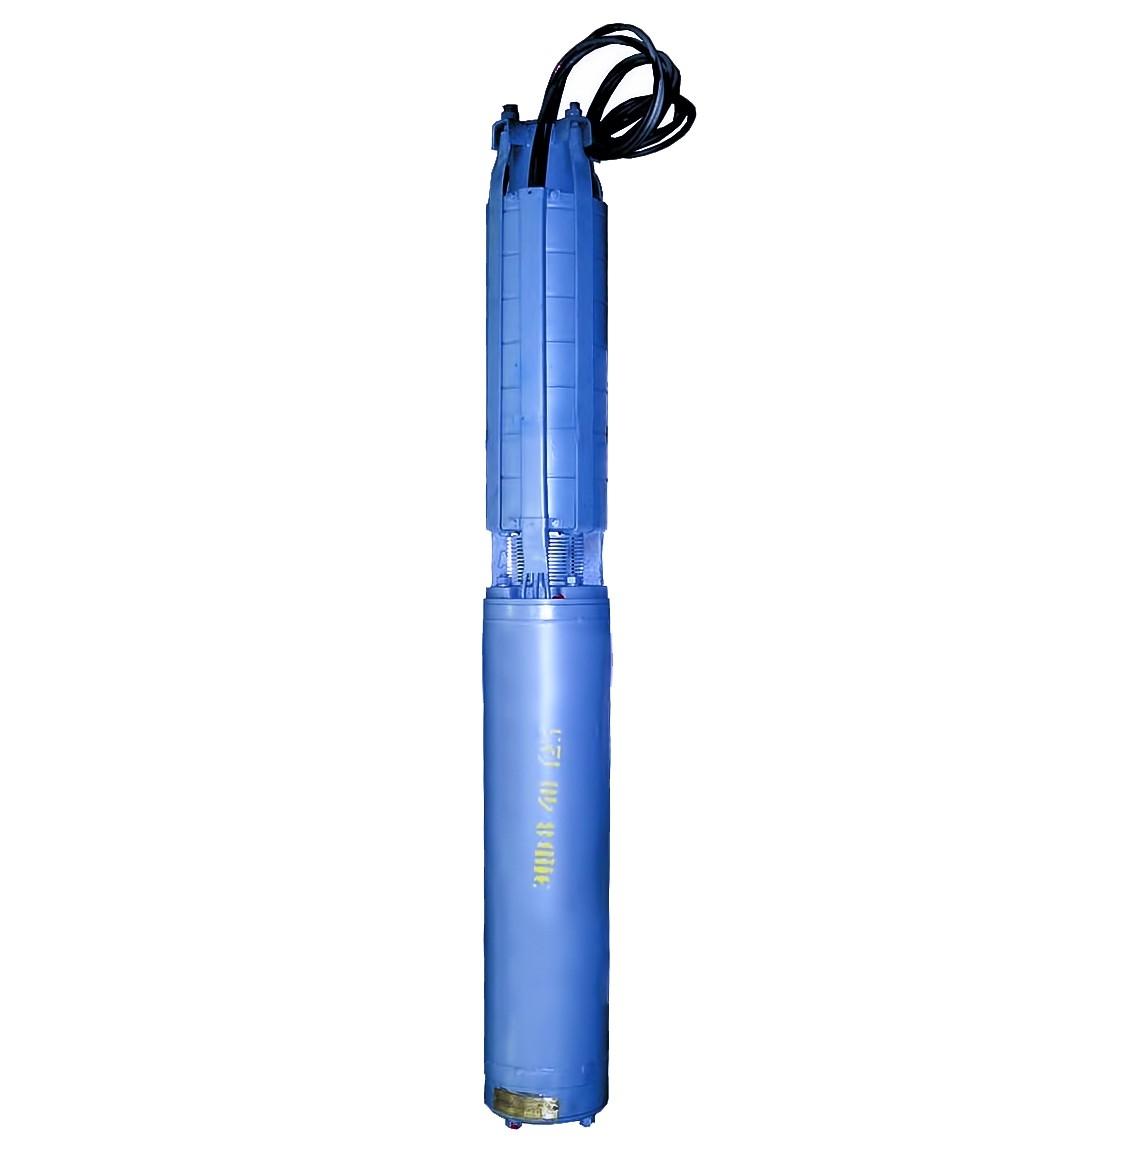 Погружной насос ЭЦВ 6-4-140 армлен